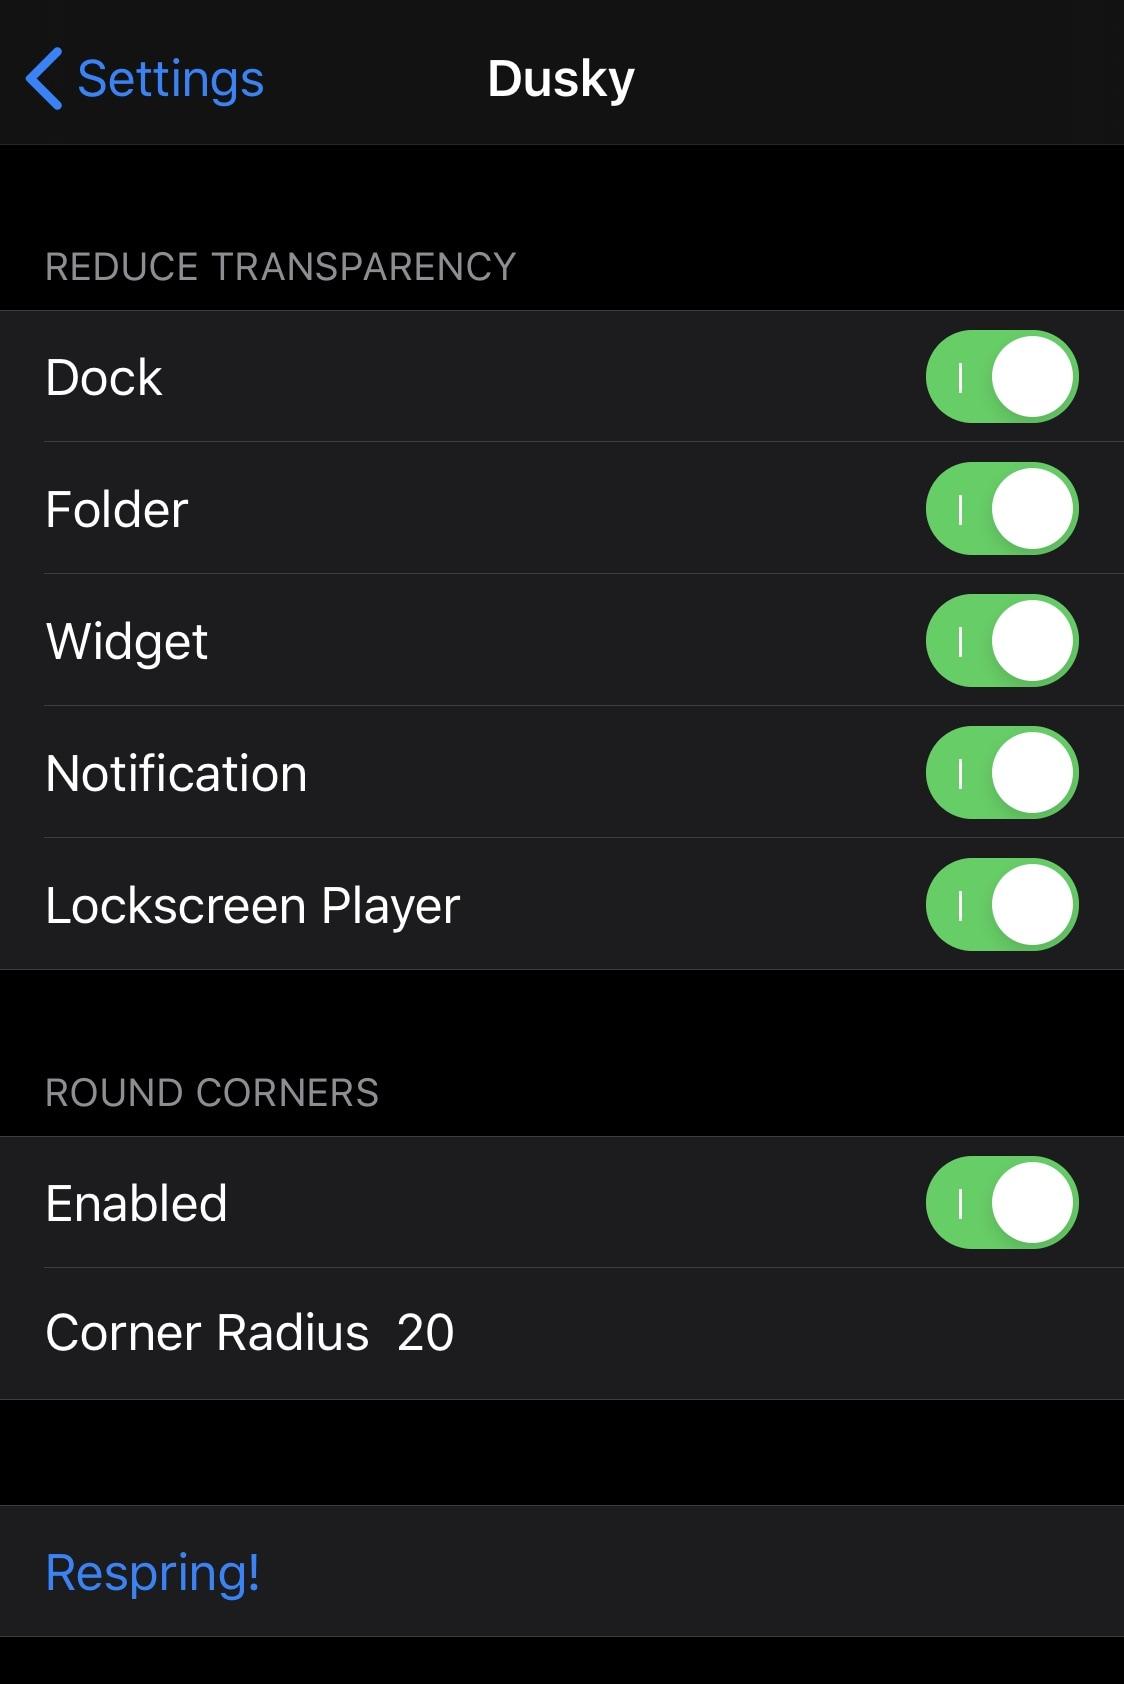 Dusky le permite usar el modo de reducción de transparencia de iOS para interfaces individuales 2